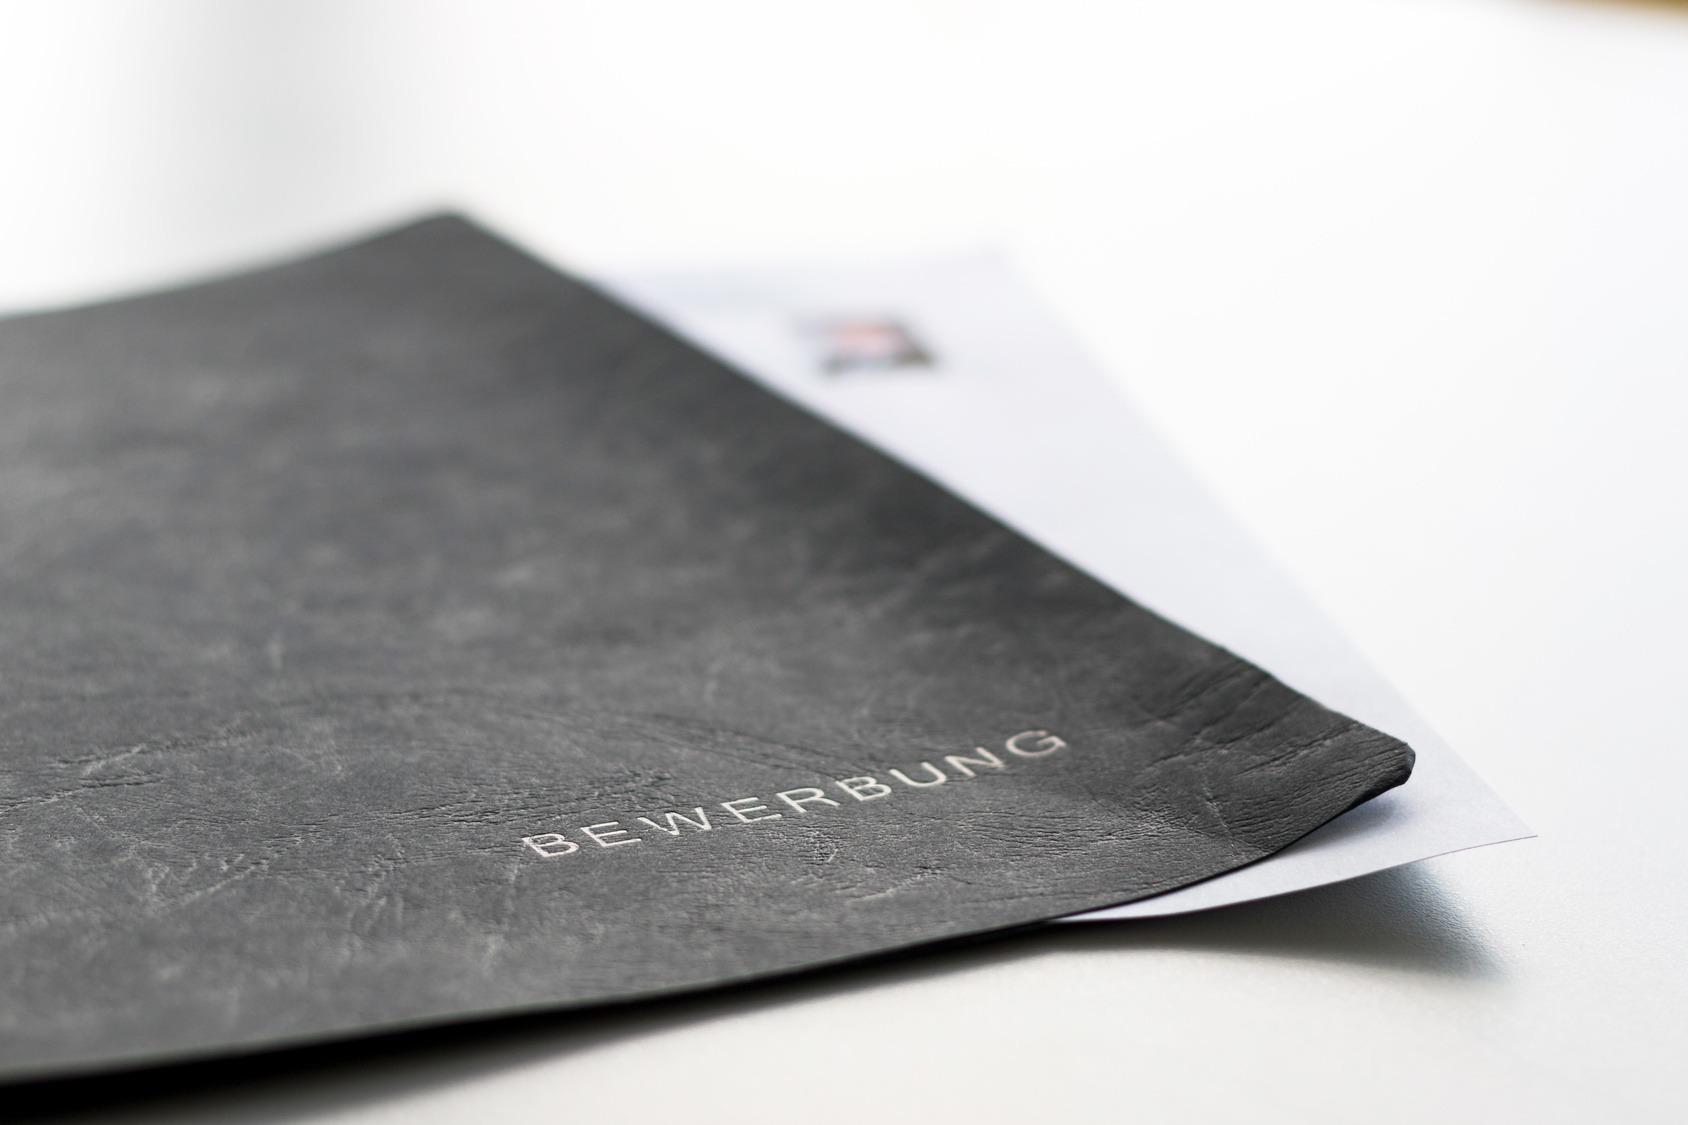 Eine schwarze Bewerbungsmappe liegt auf einem weißen Tisch.